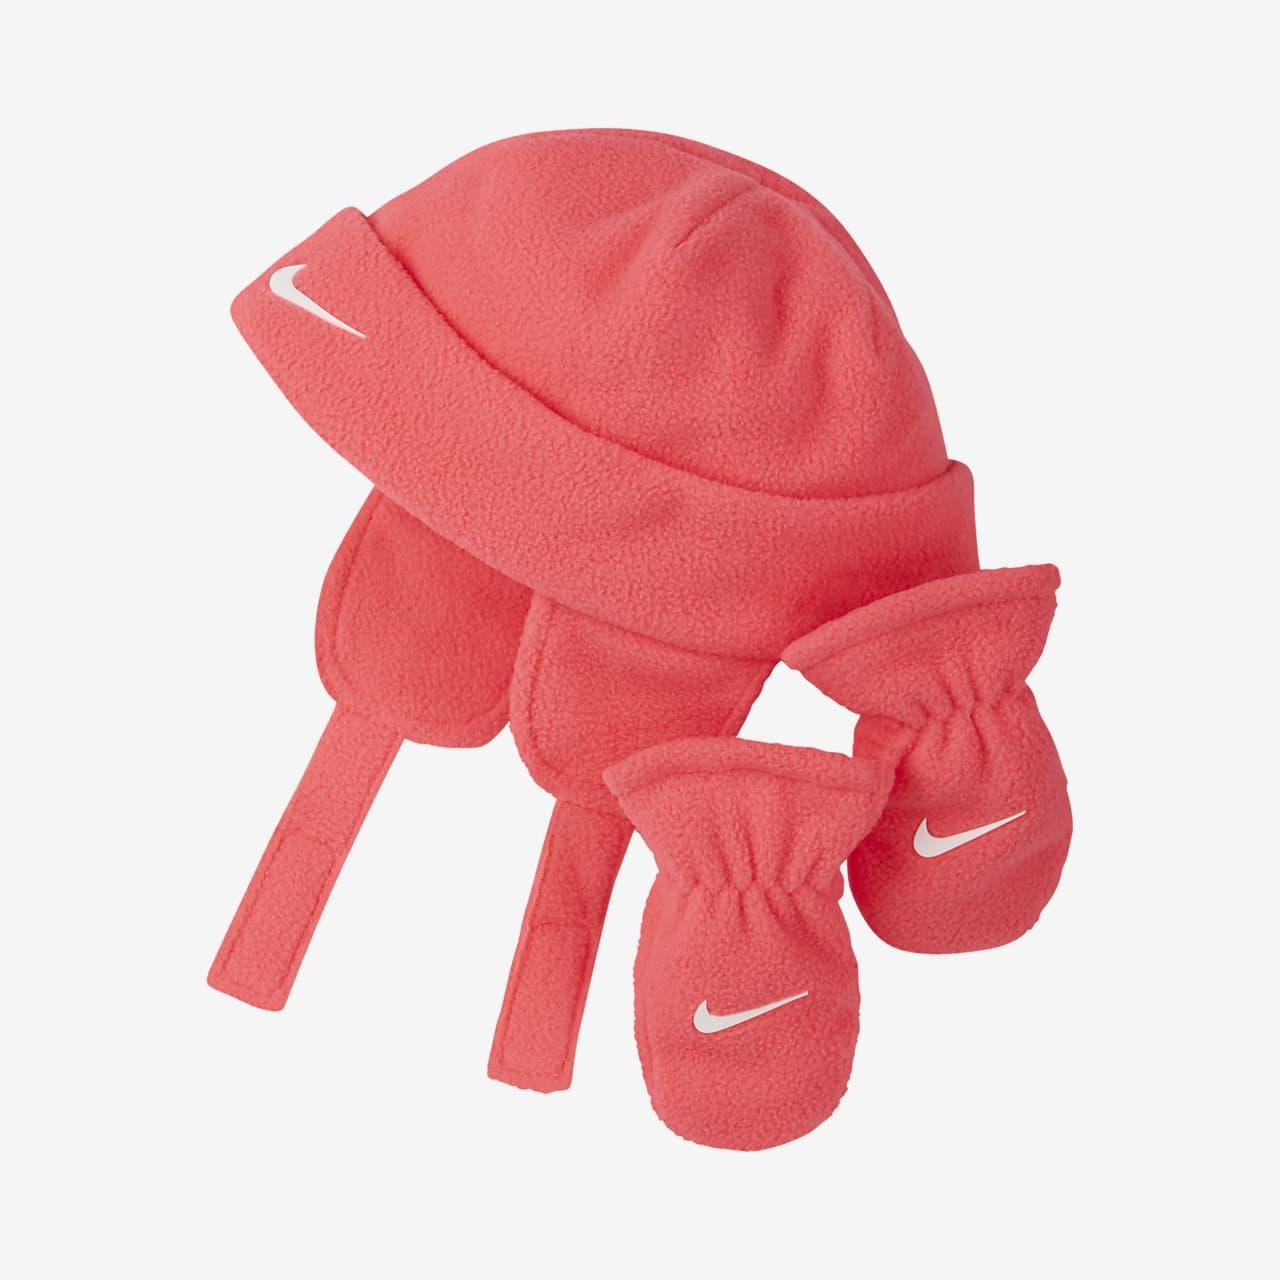 Ensemble bonnet et moufles Nike pour Bébé (12 - 24 mois)